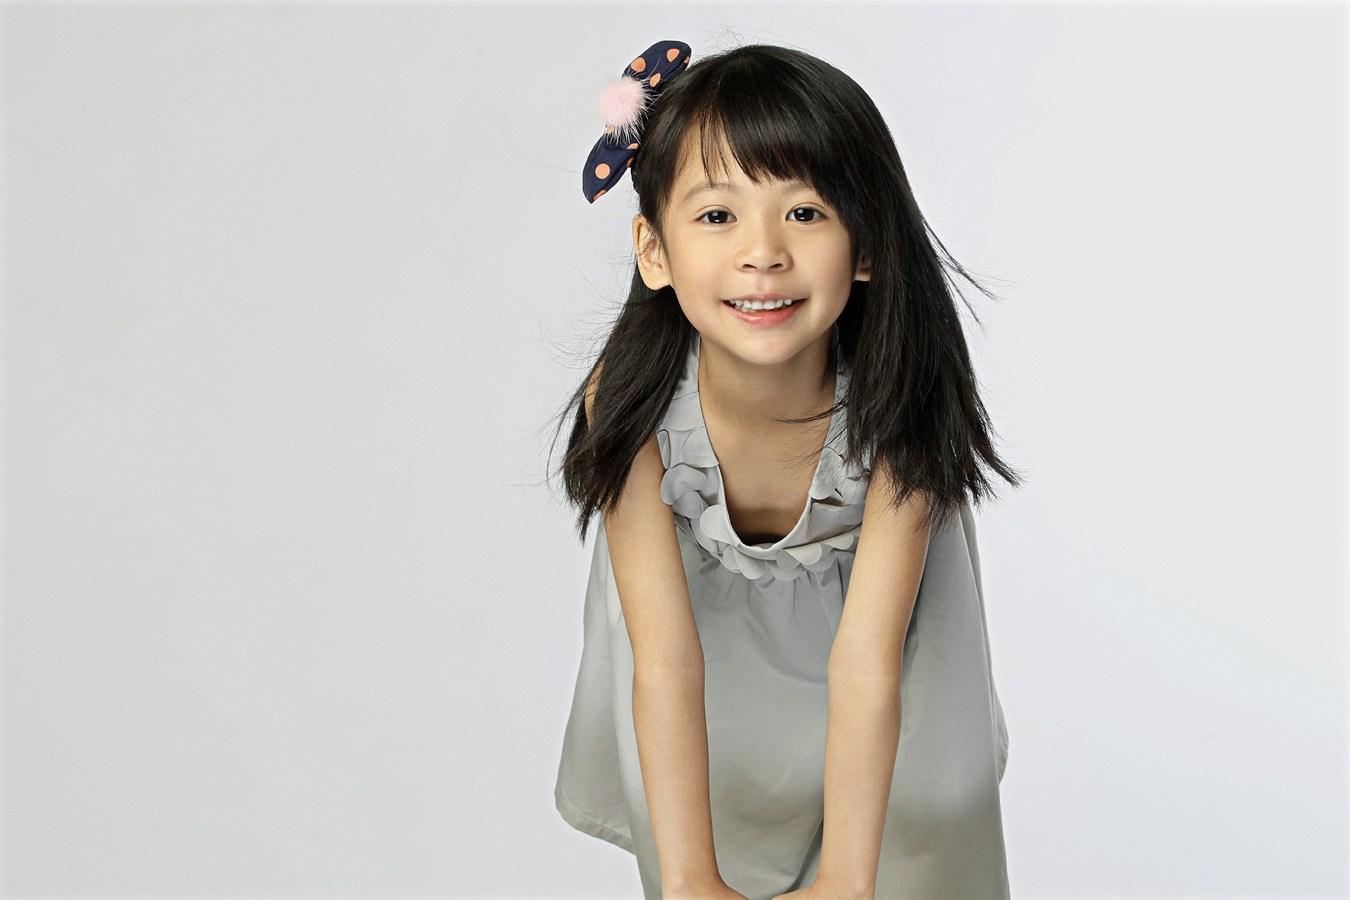 翁虹晒女儿水晶六岁萌照 可爱萝莉范儿(组图)